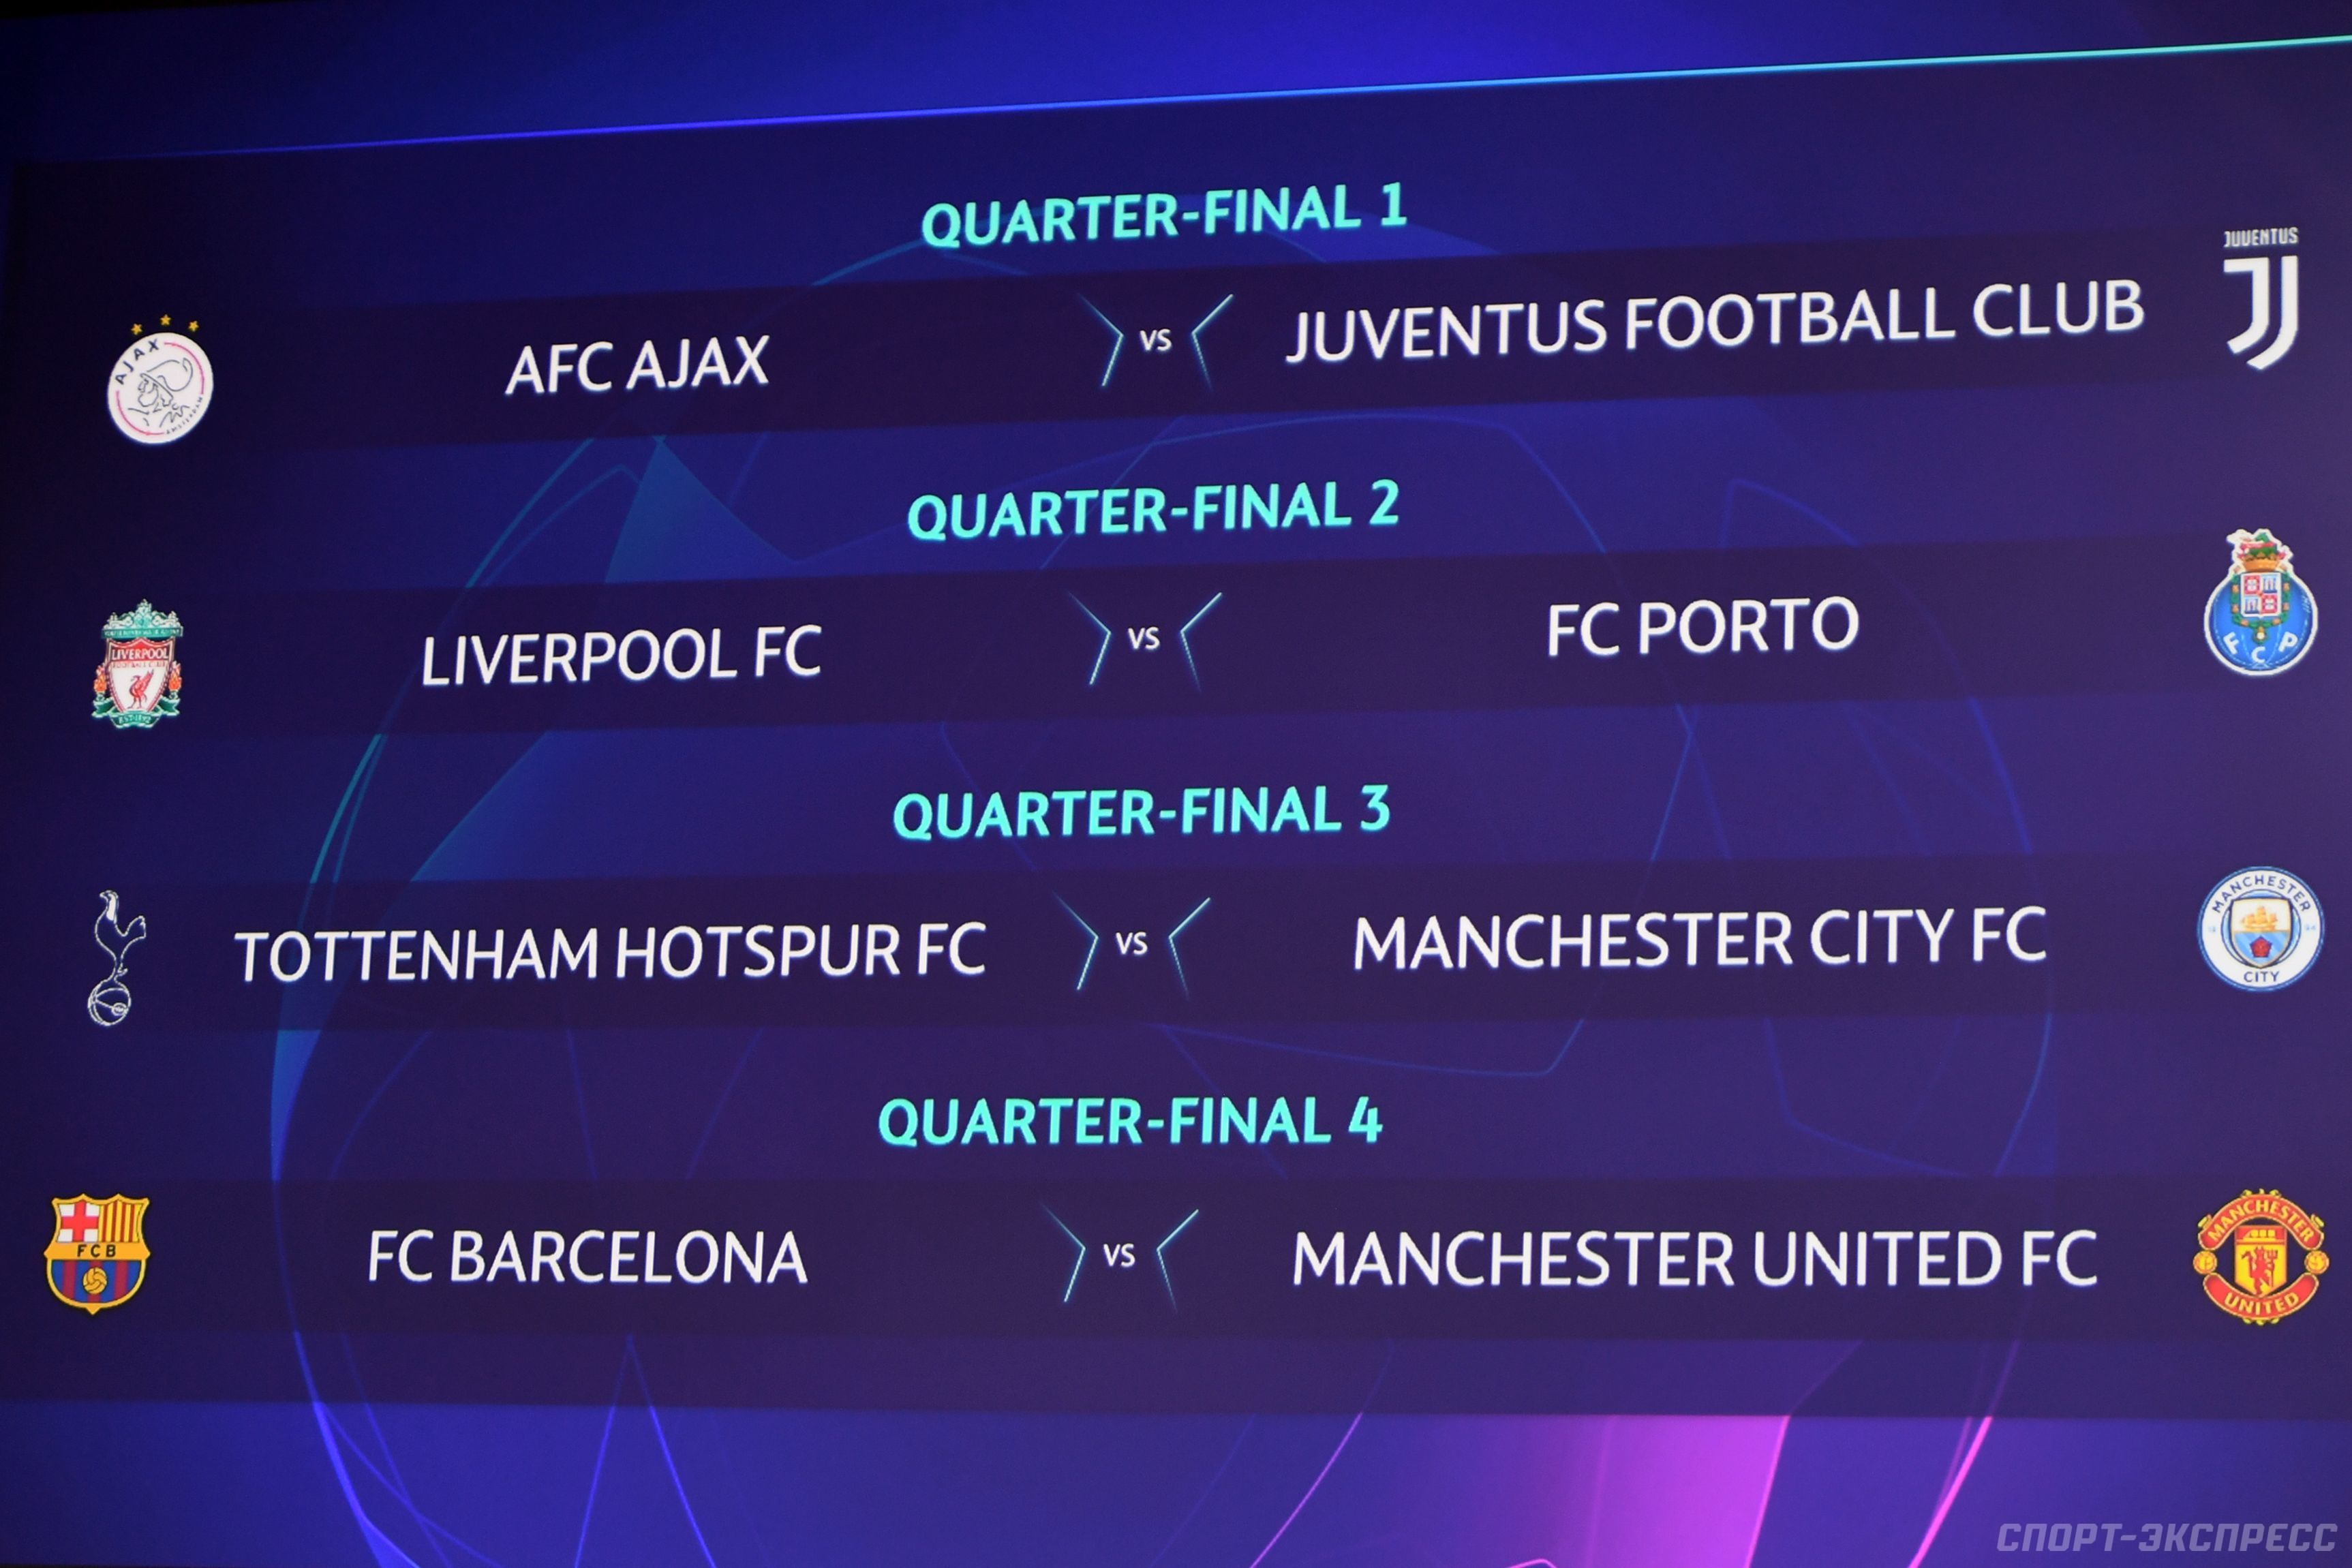 Расписание матчей Лиги Чемпионов плей-офф на 16 и 17 апреля 2019